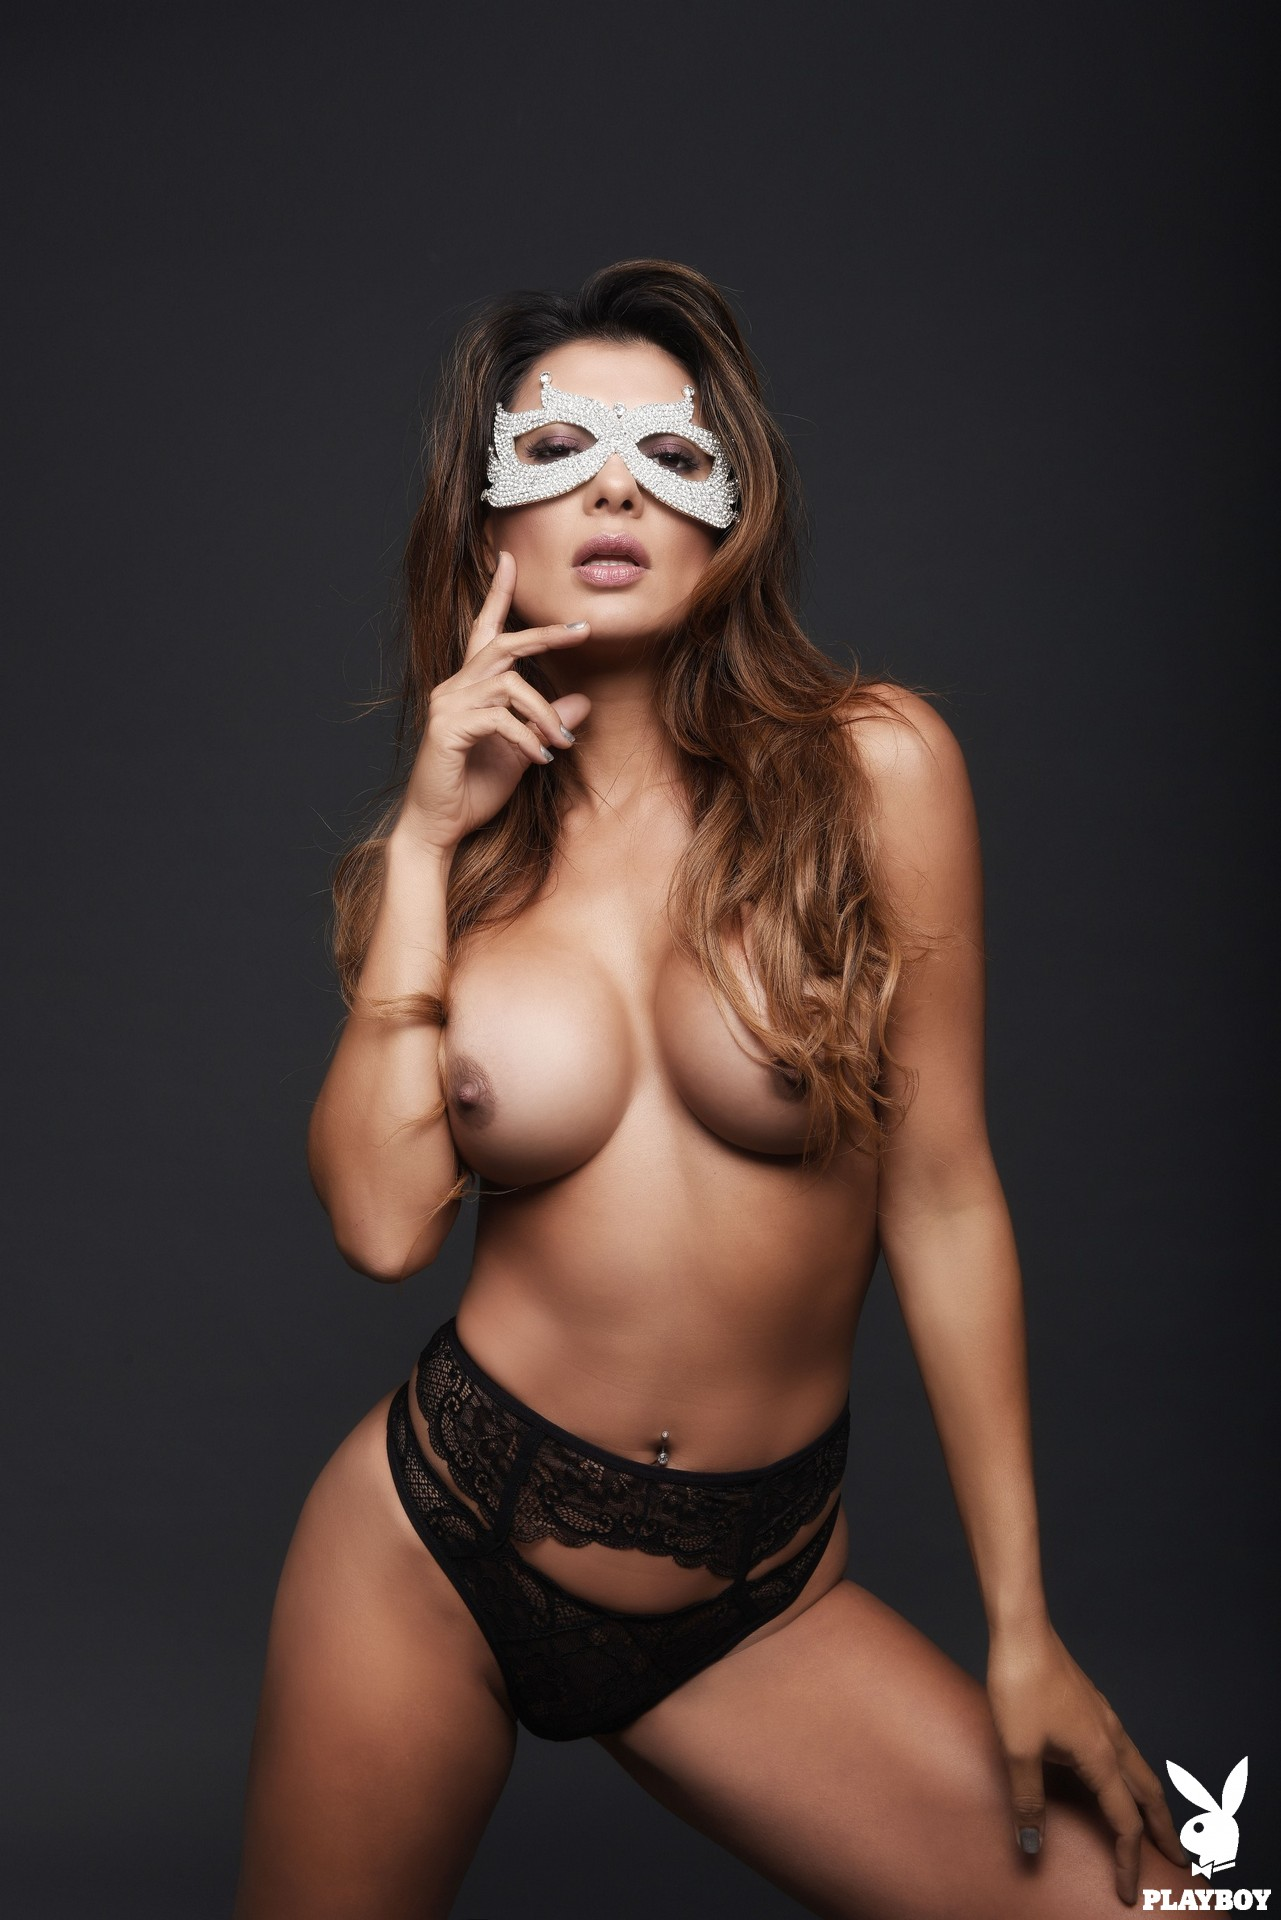 Viviana Castrillón in Playboy Mexico 7